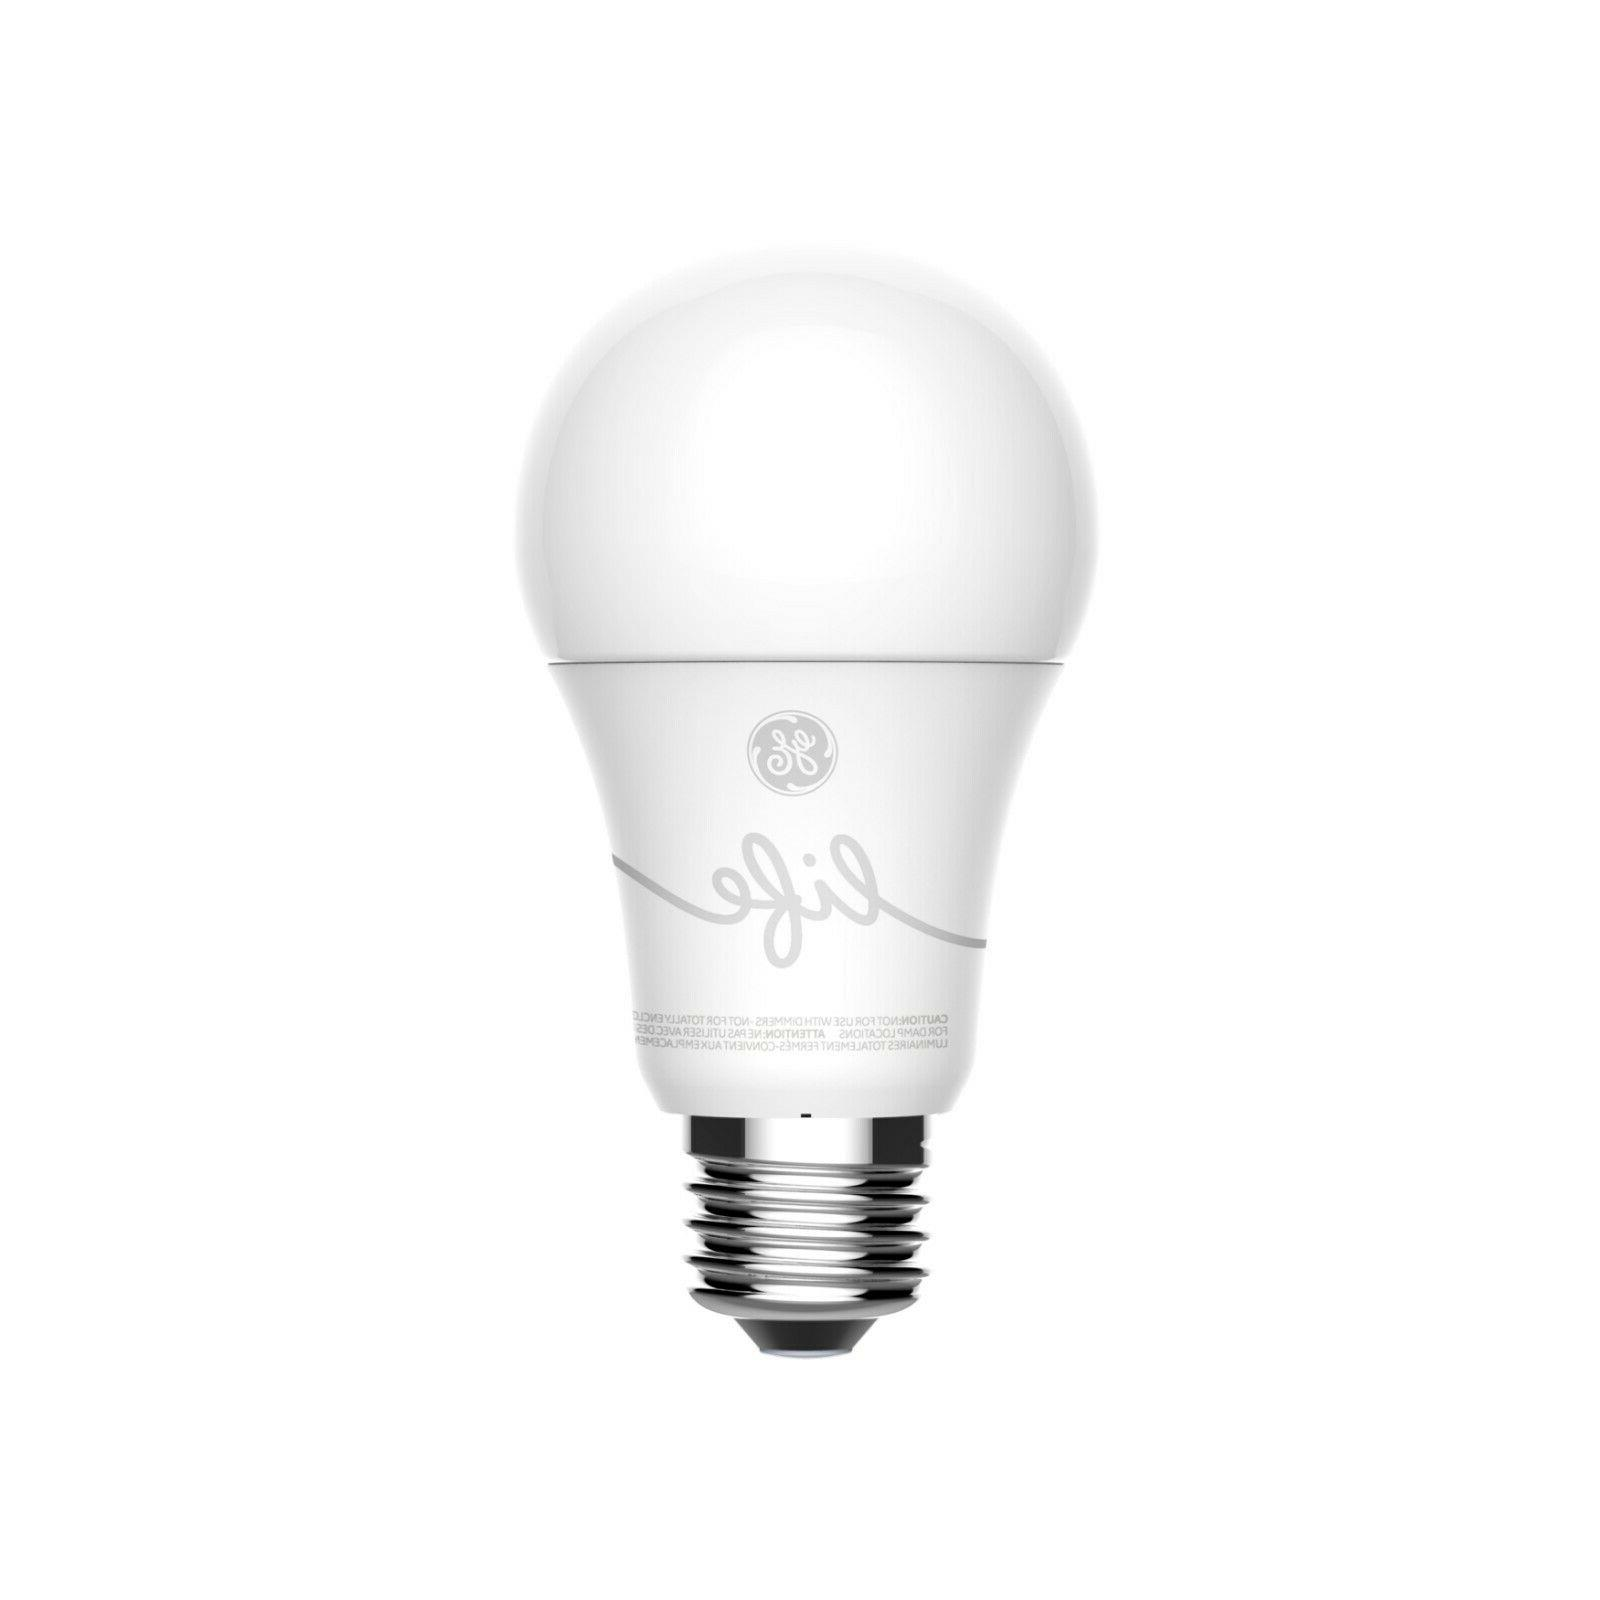 smart light starter kit home mini